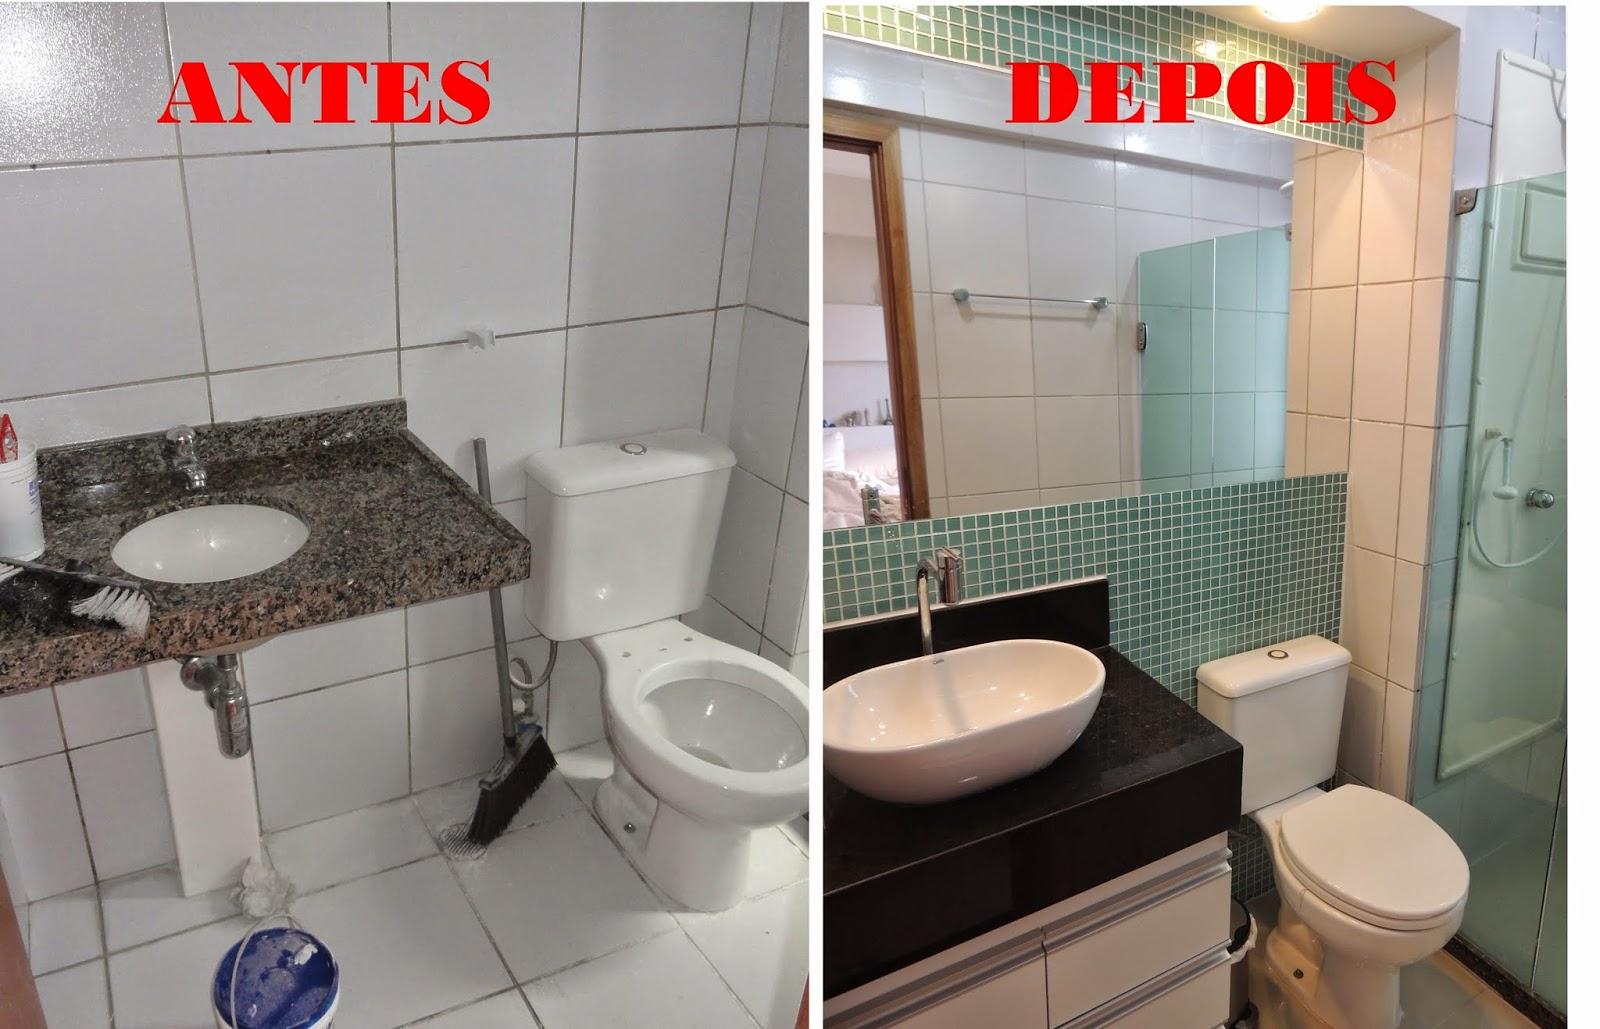 EU DECORO Reforma Banheiro Suite ANTES E DEPOIS -> Reforma Banheiro Pequeno Antes E Depois